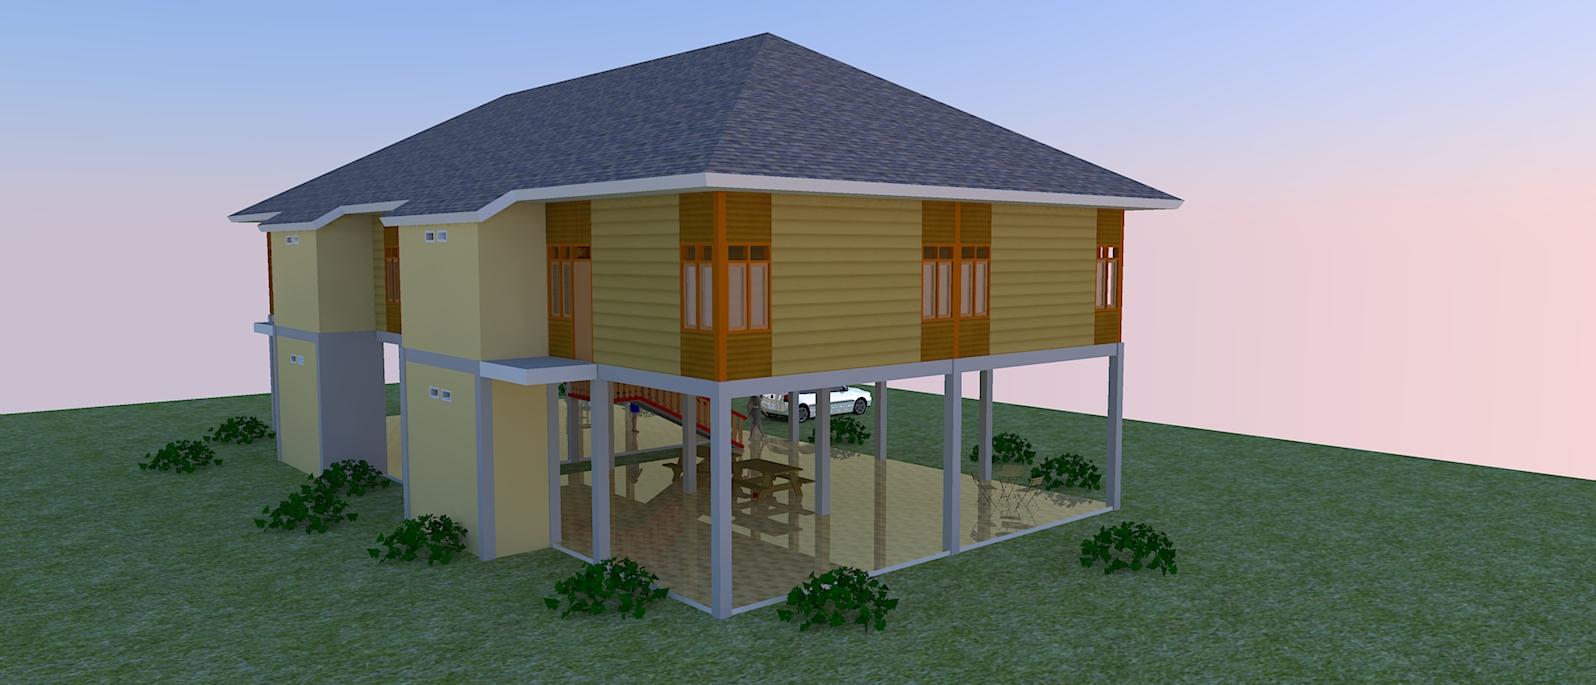 104 Gambar Rumah Minimalis Kayu Sederhana Gambar Desain